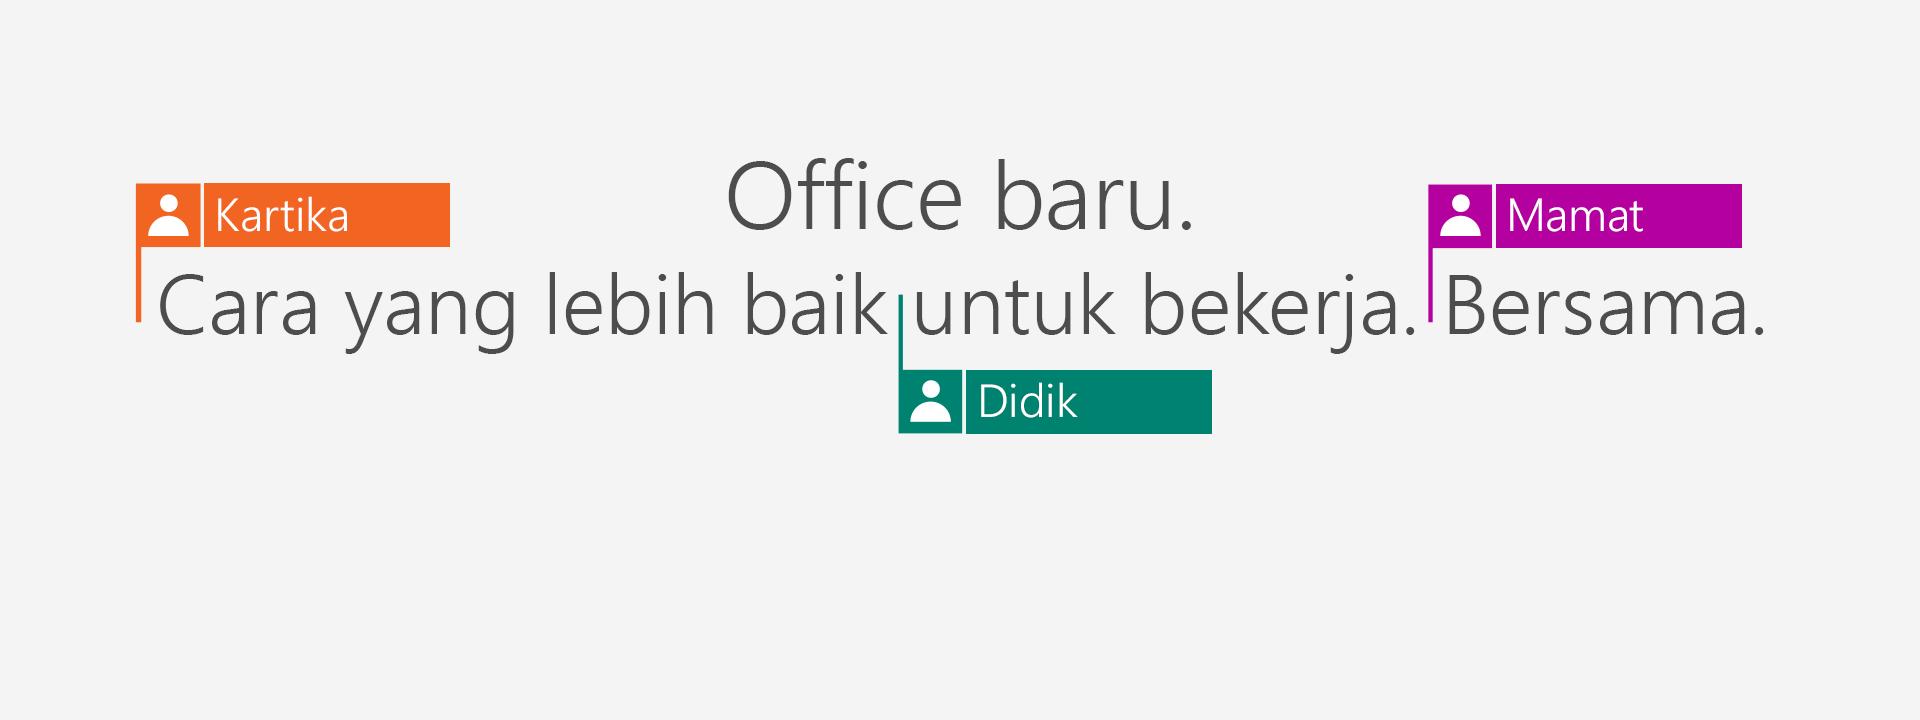 Beli Office 365 untuk mendapatkan aplikasi 2016 baru.